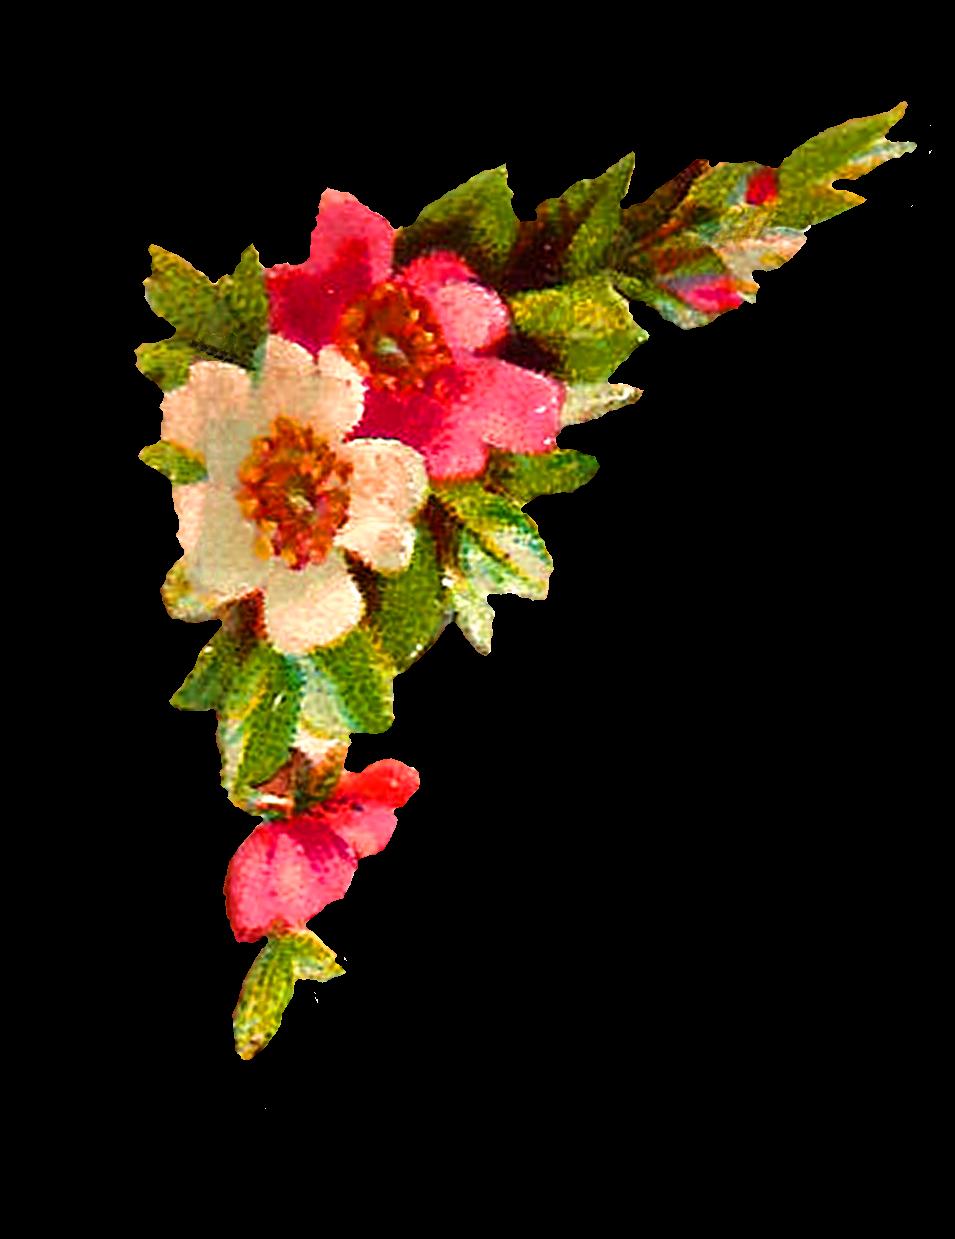 Antique images digital design. Flower corner png